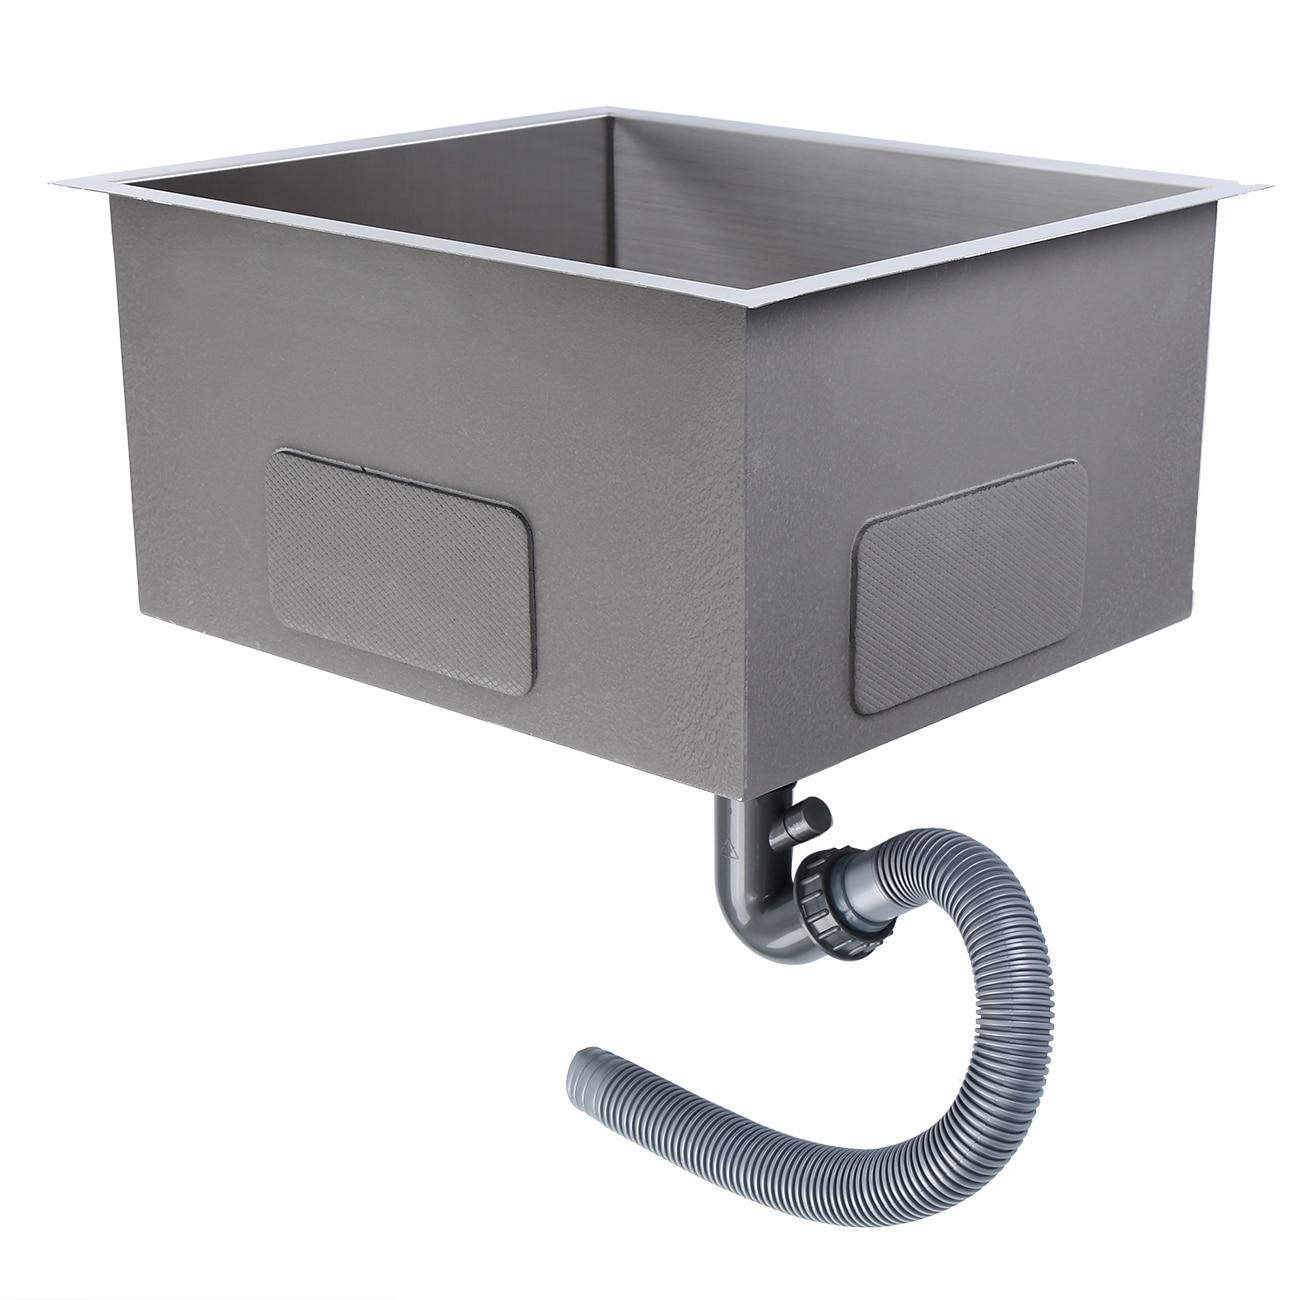 51x45x26 cm encart en acier inoxydable carré évier de cuisine unique encart/Topmount - 6